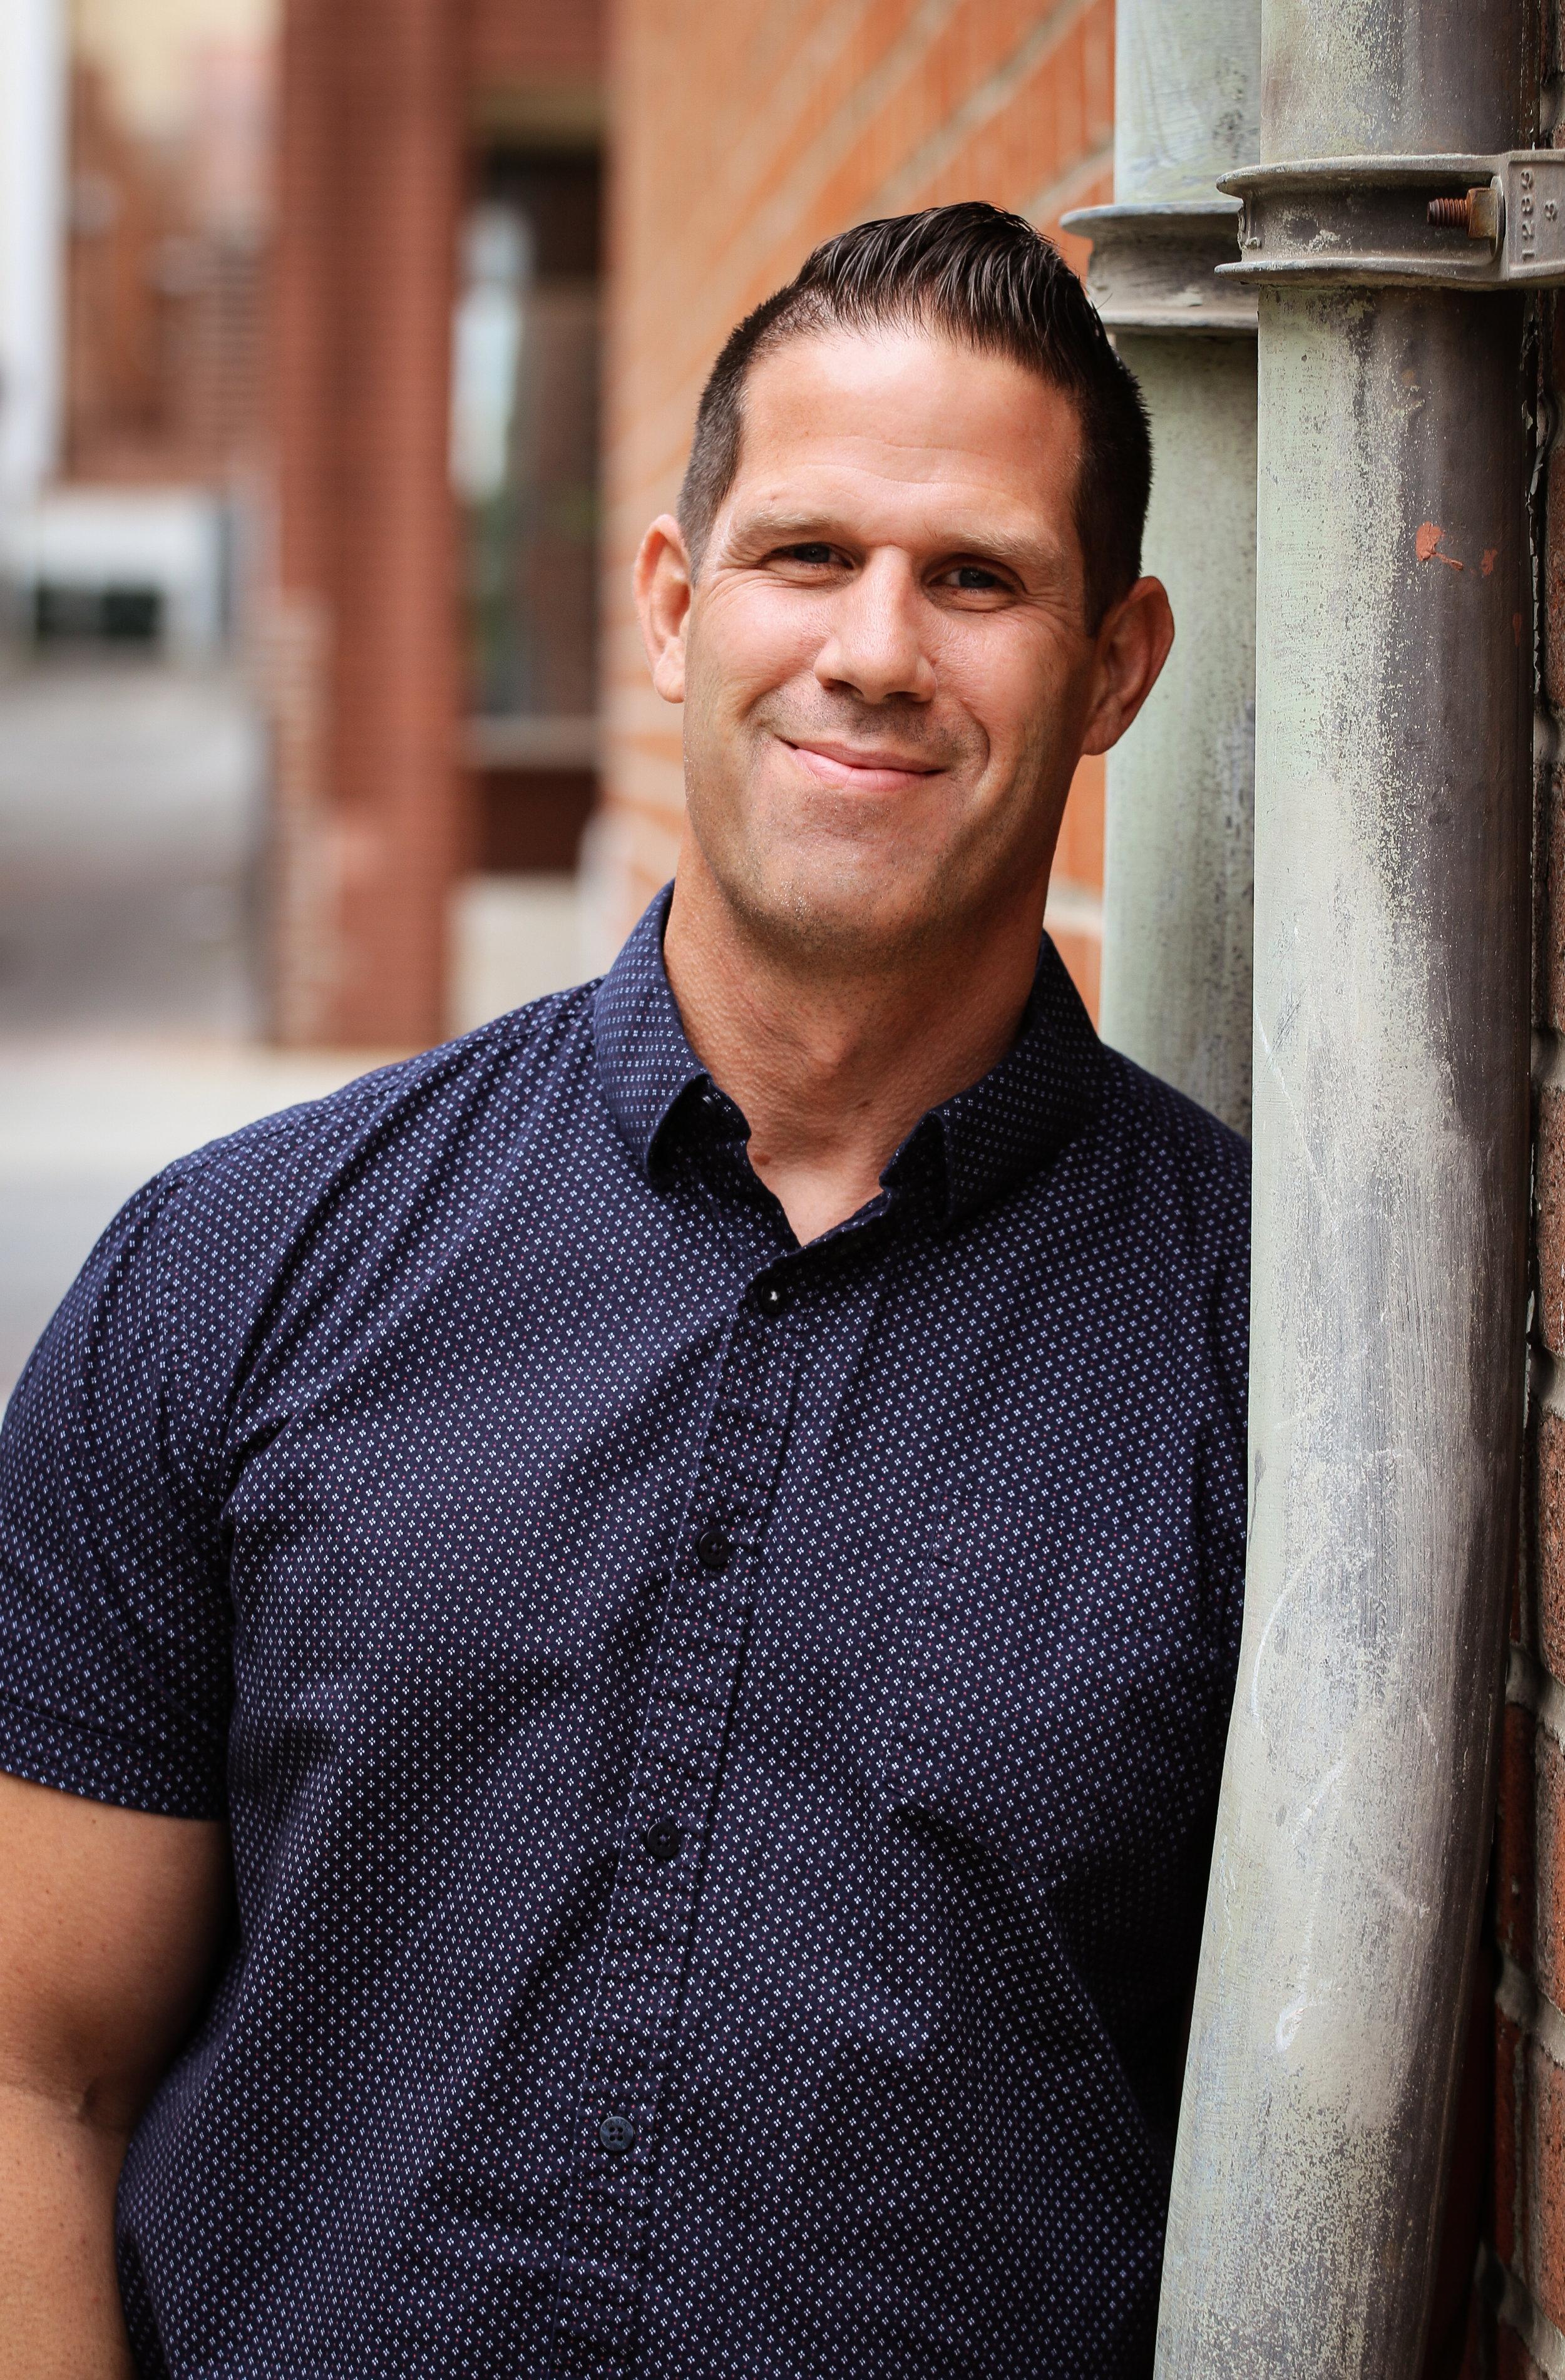 Matt Lingeman - CHILDREN'S MINISTRY PASTOR